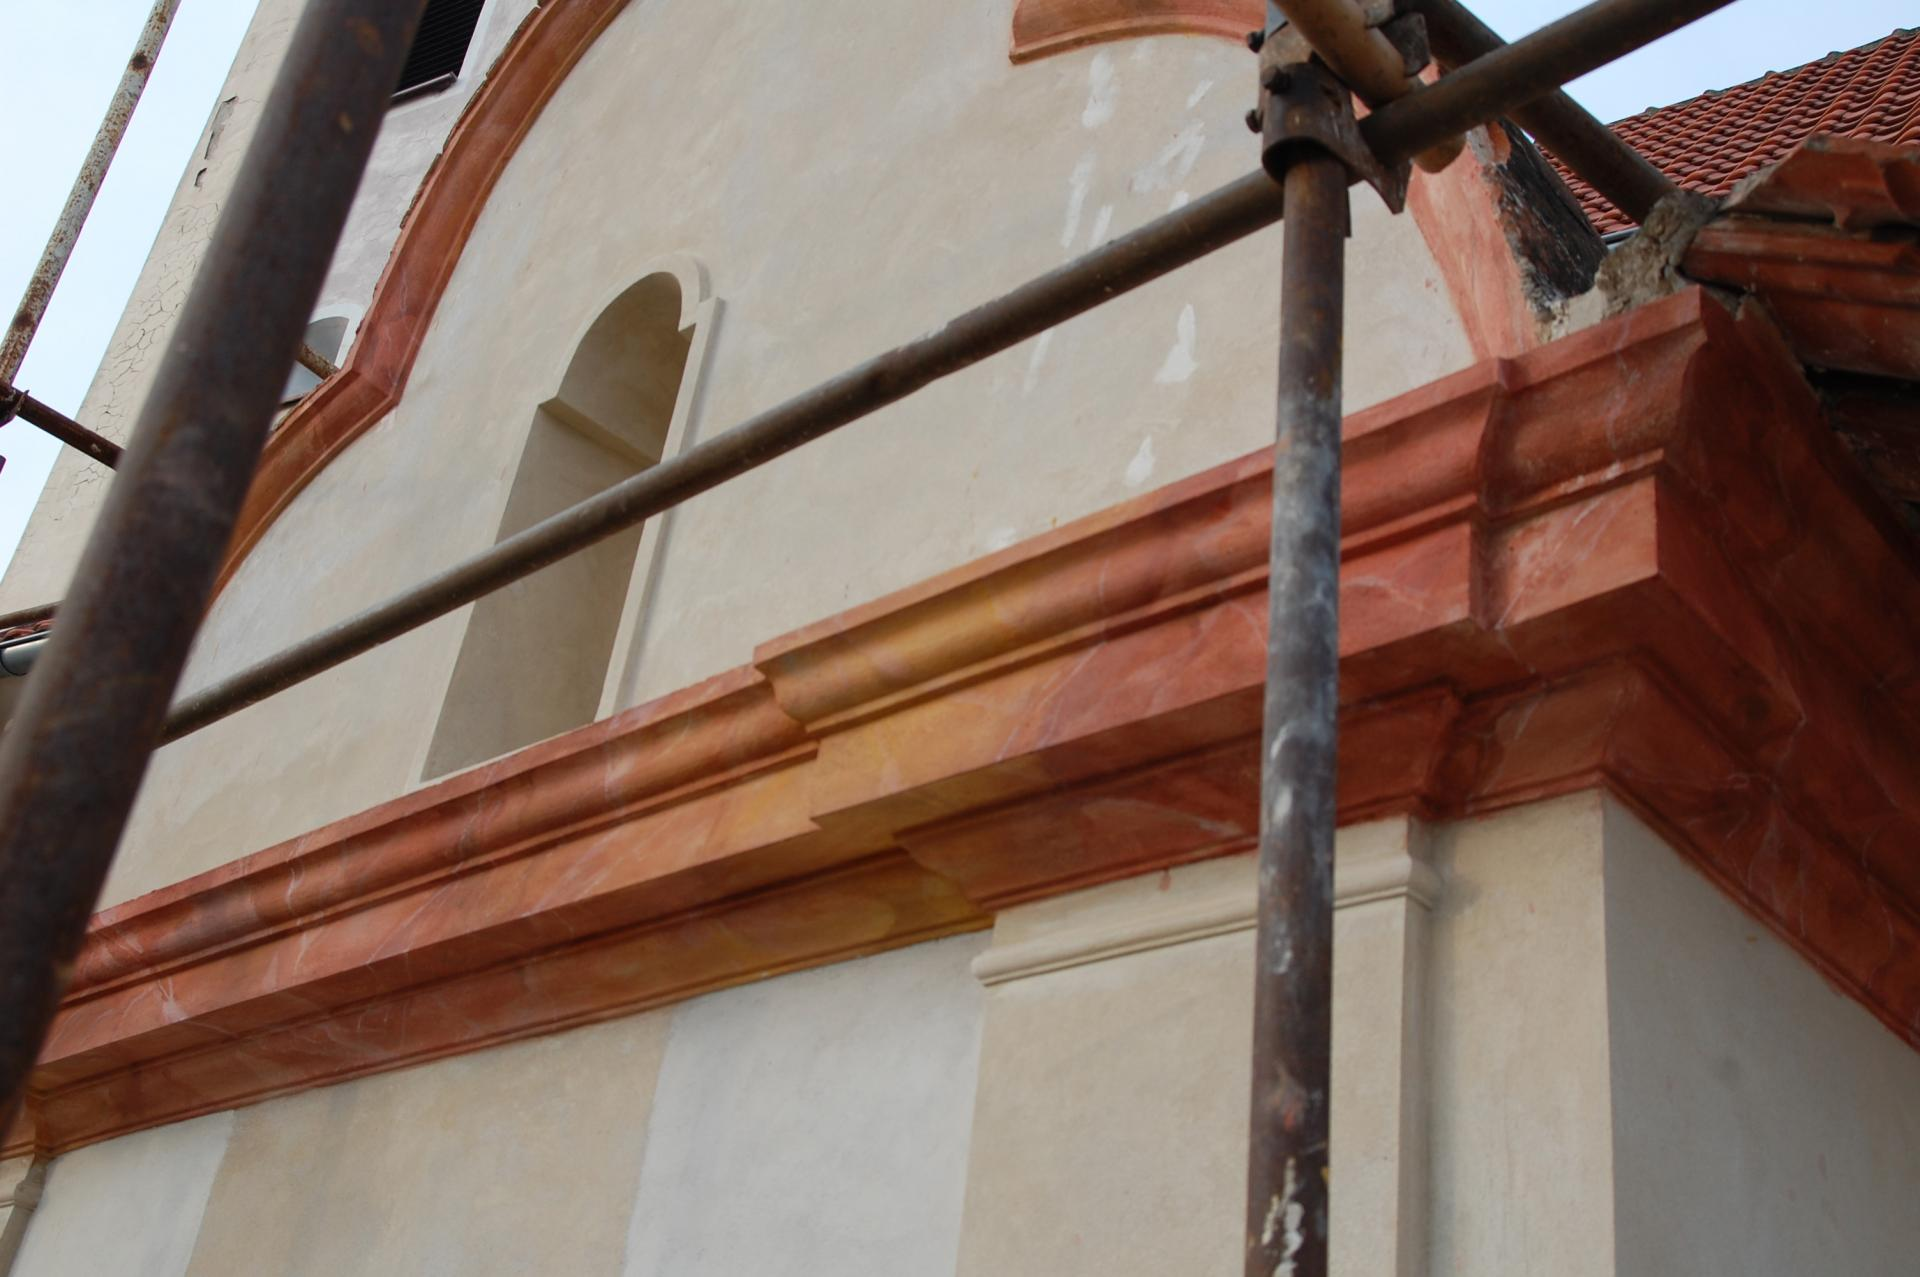 Kostol sv. Alžbety, rímsa po rekonštrukcií mramorovania